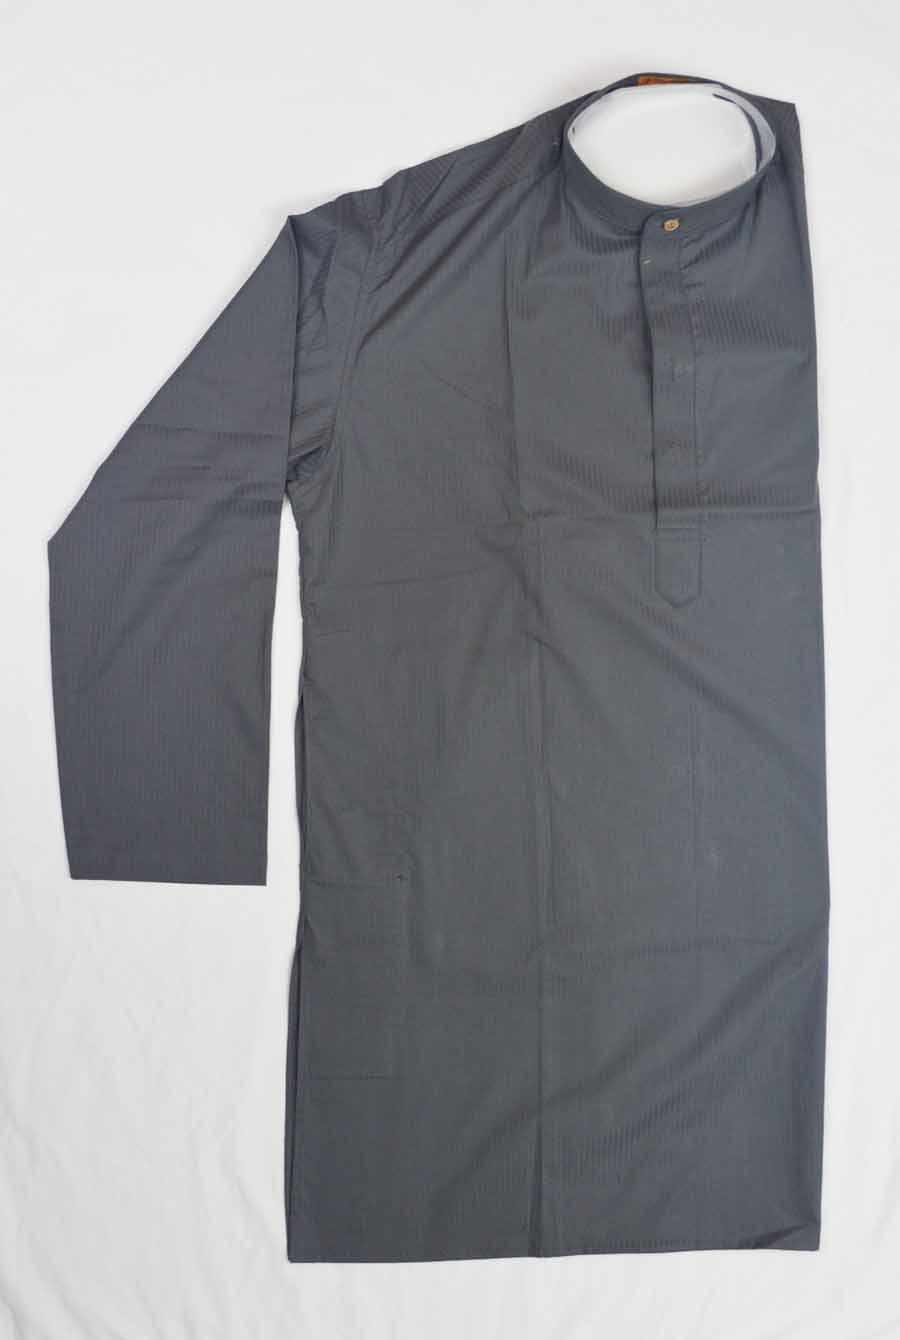 Cotton Kurta 9164 - 44